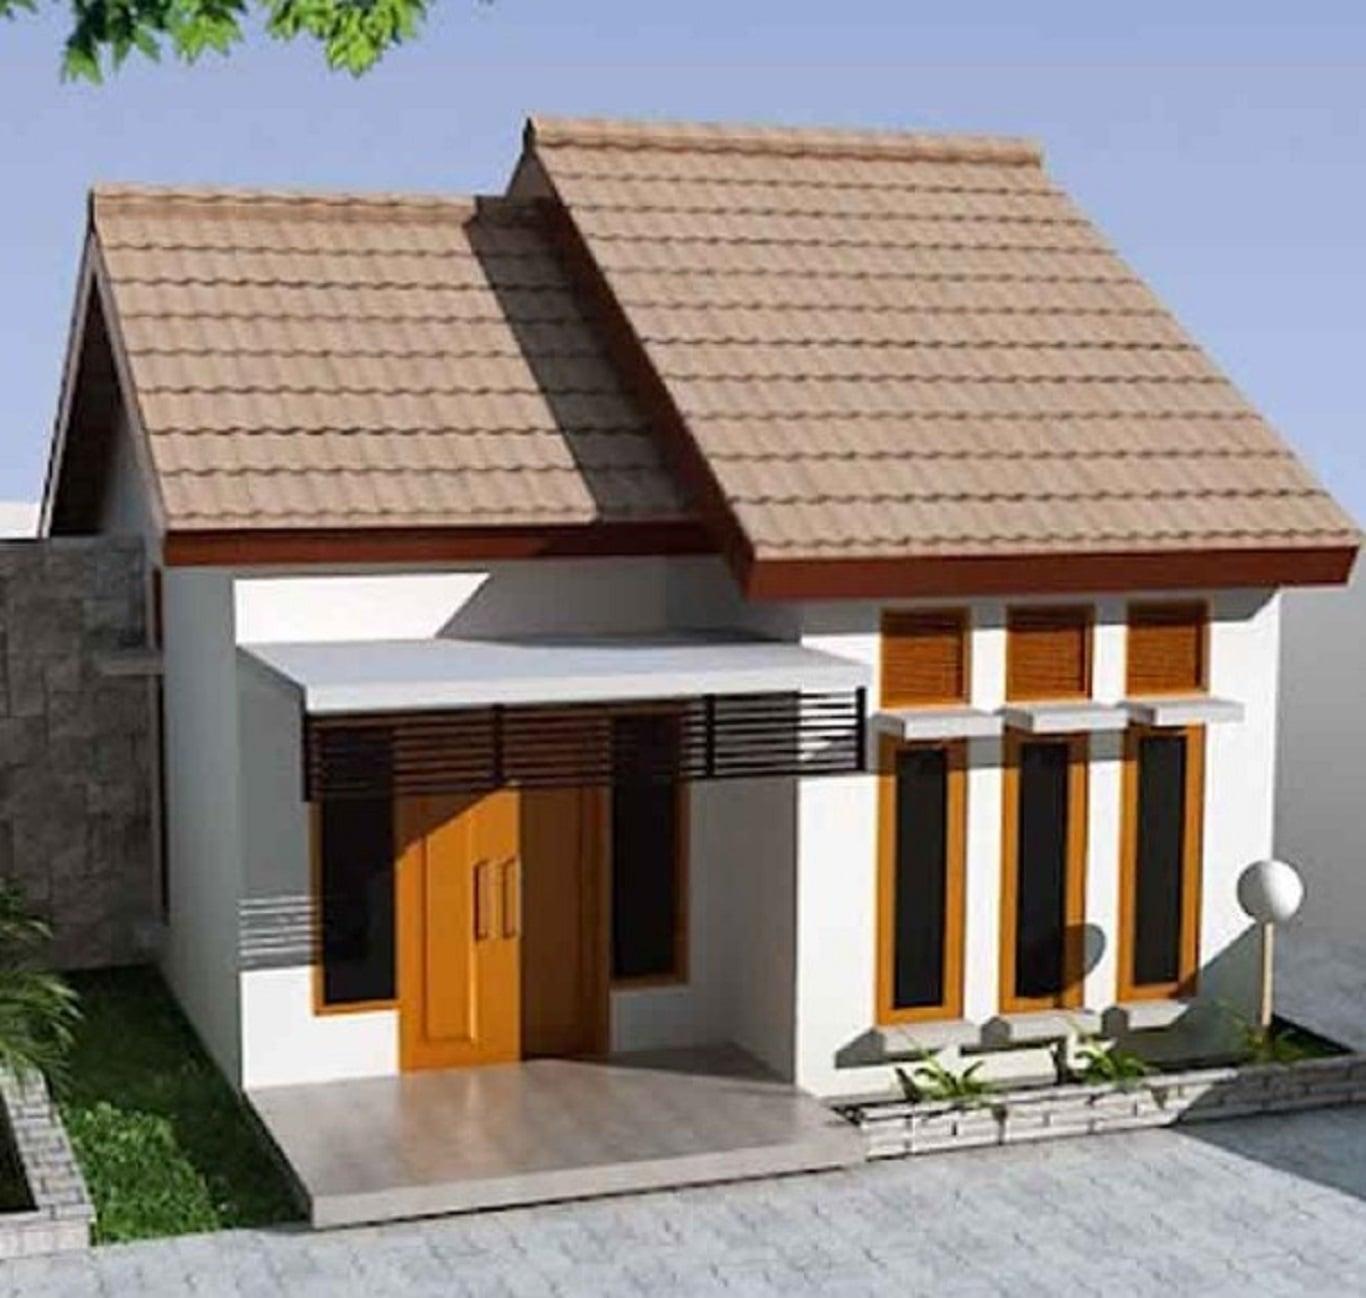 75+ Desain Rumah Minimalis Kayu